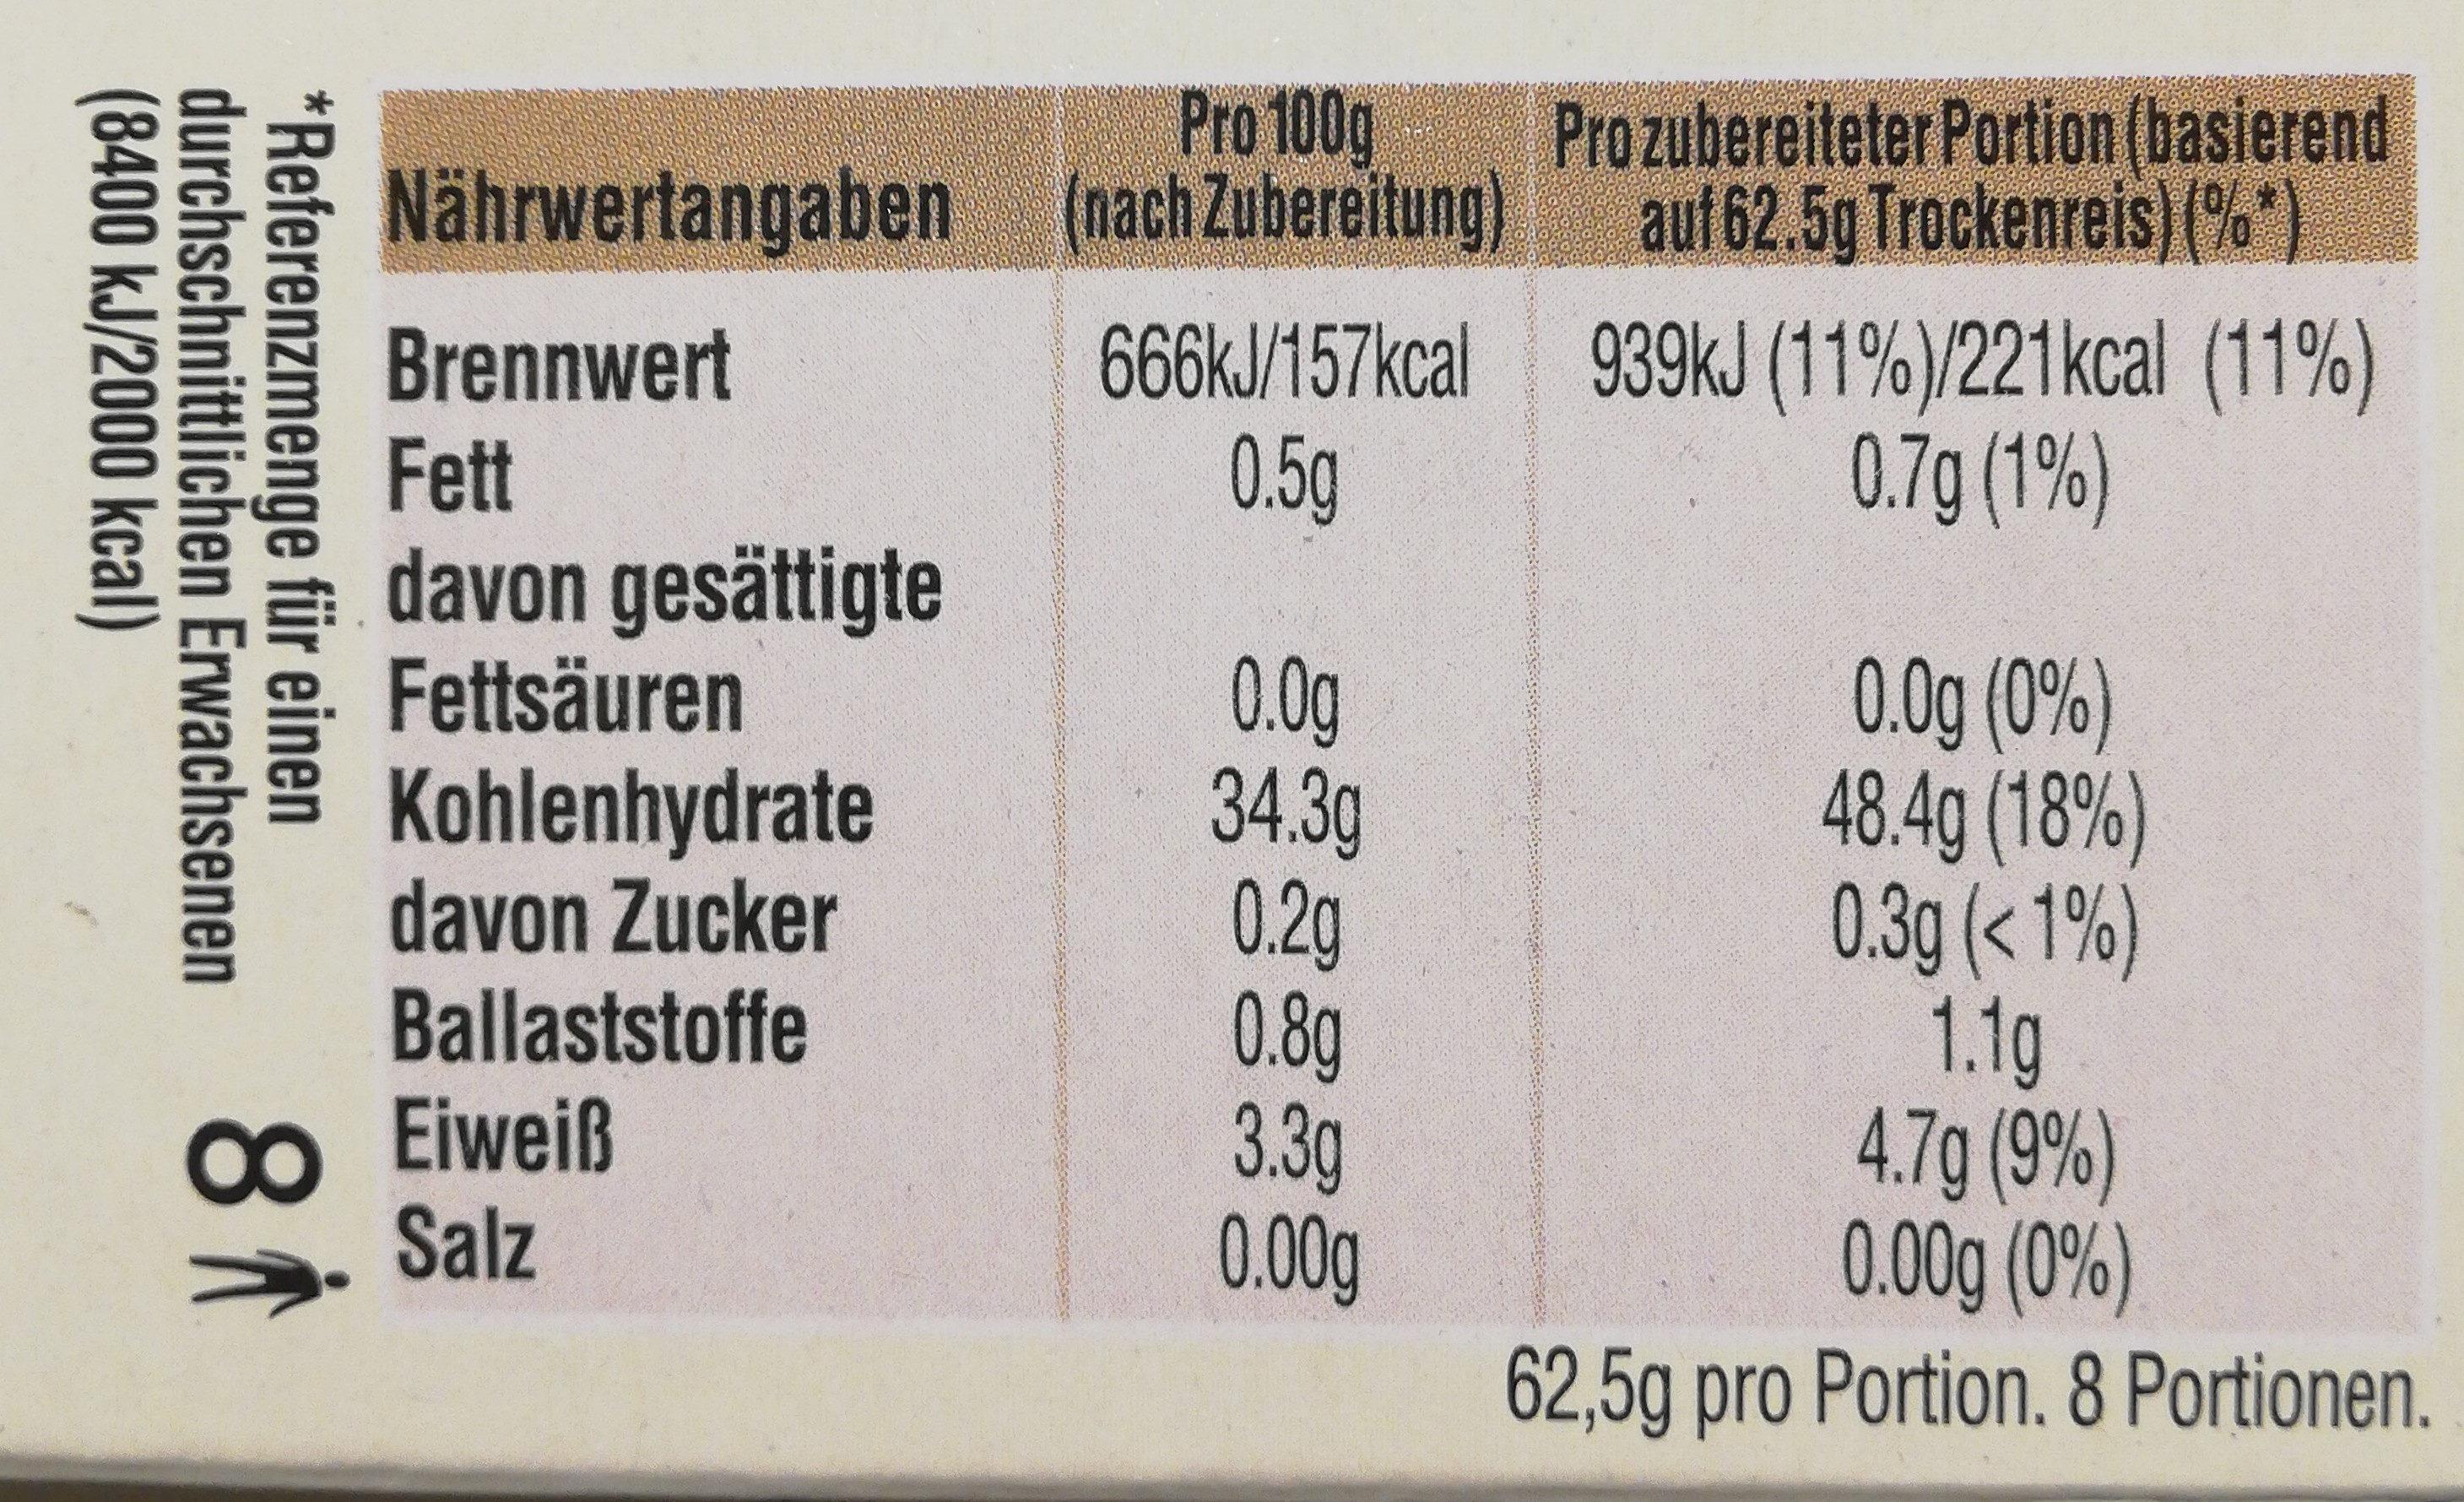 Kochbeutel Spitzen-Langkorn-Reis - Nährwertangaben